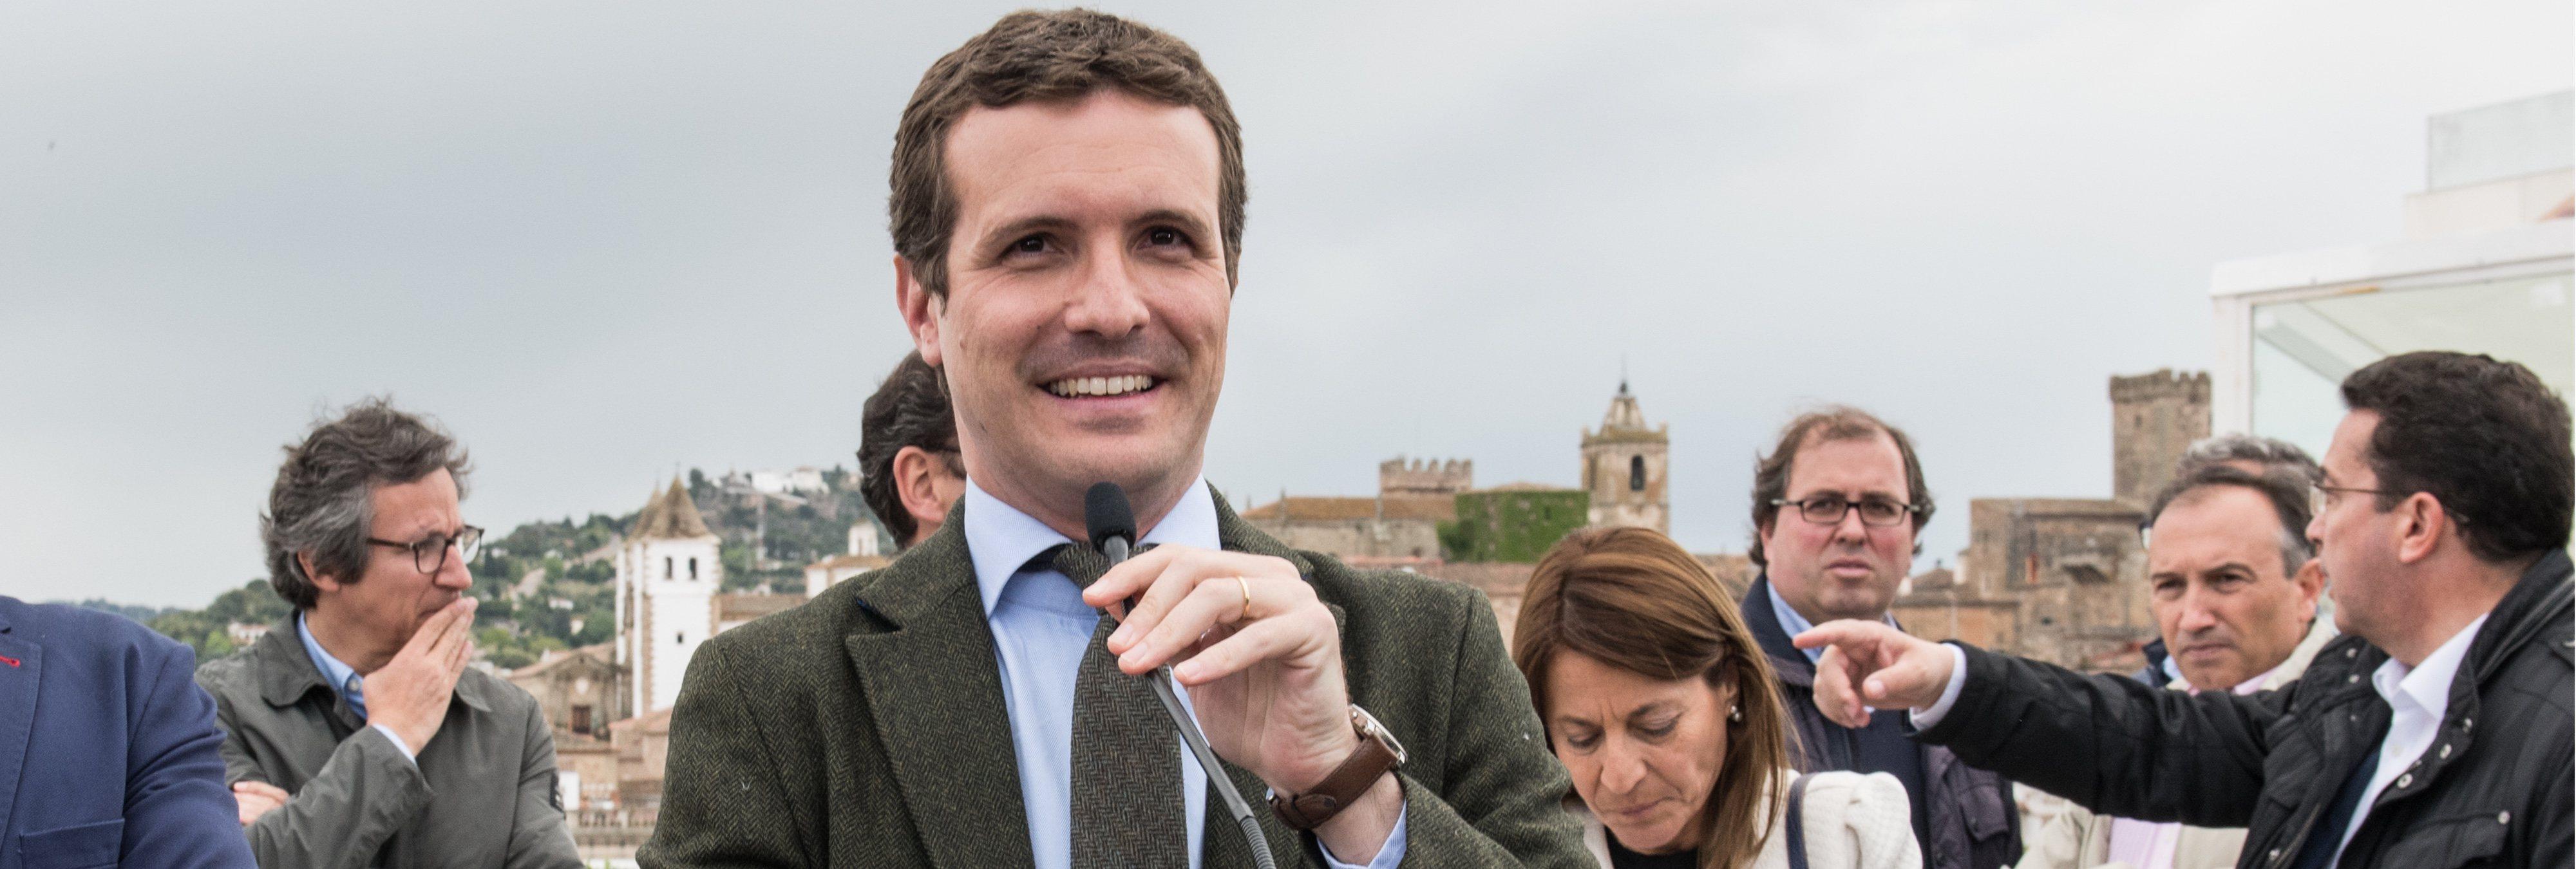 Por qué Pablo Casado ahora puede remontar y formar gobierno con VOX y Cs, a diferencia del 28-A